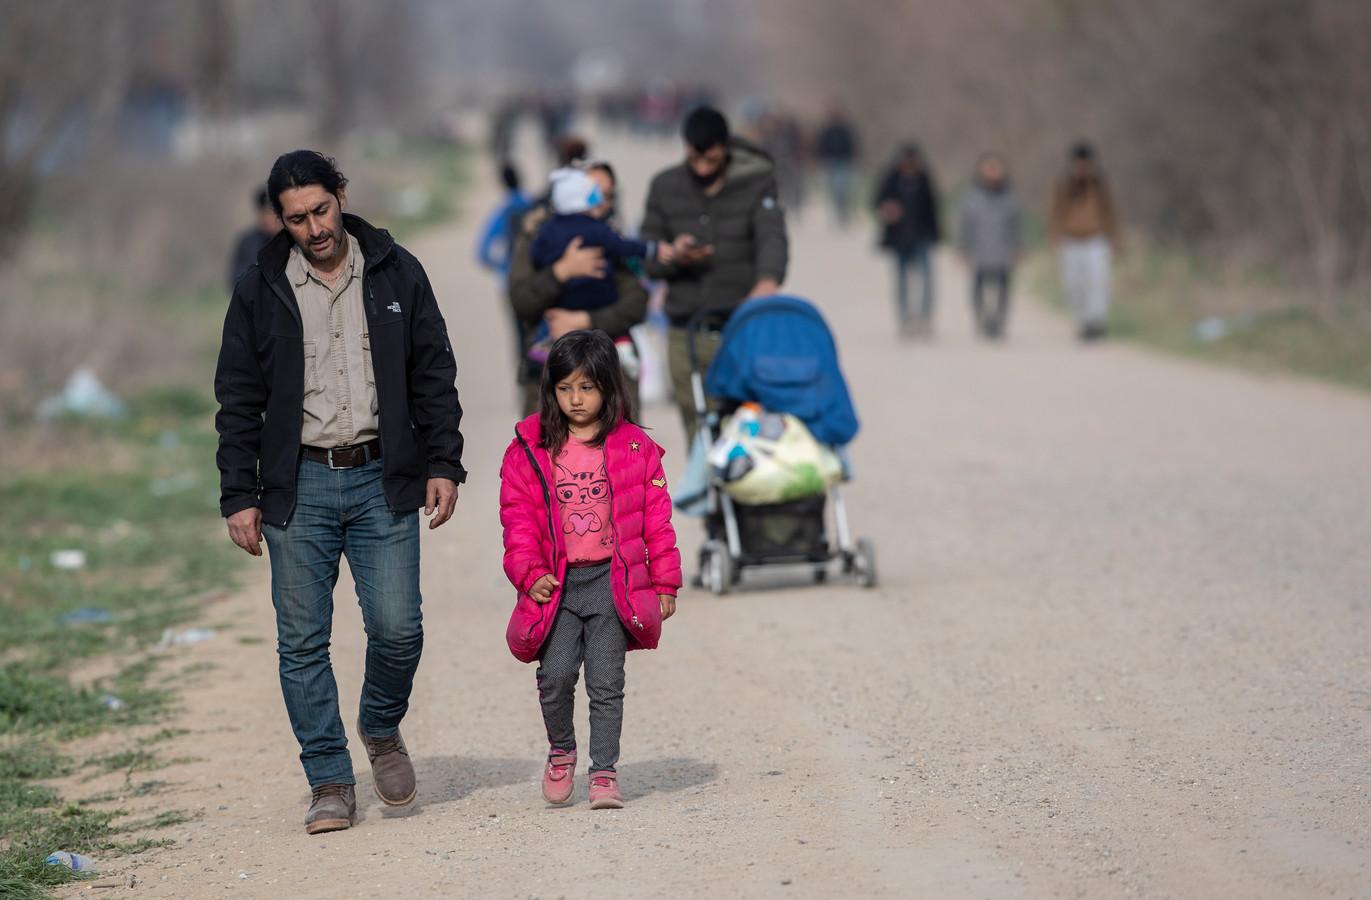 Vluchtelingen in maart 2020, dicht bij de grens van Griekenland, in Edime, Turkije.